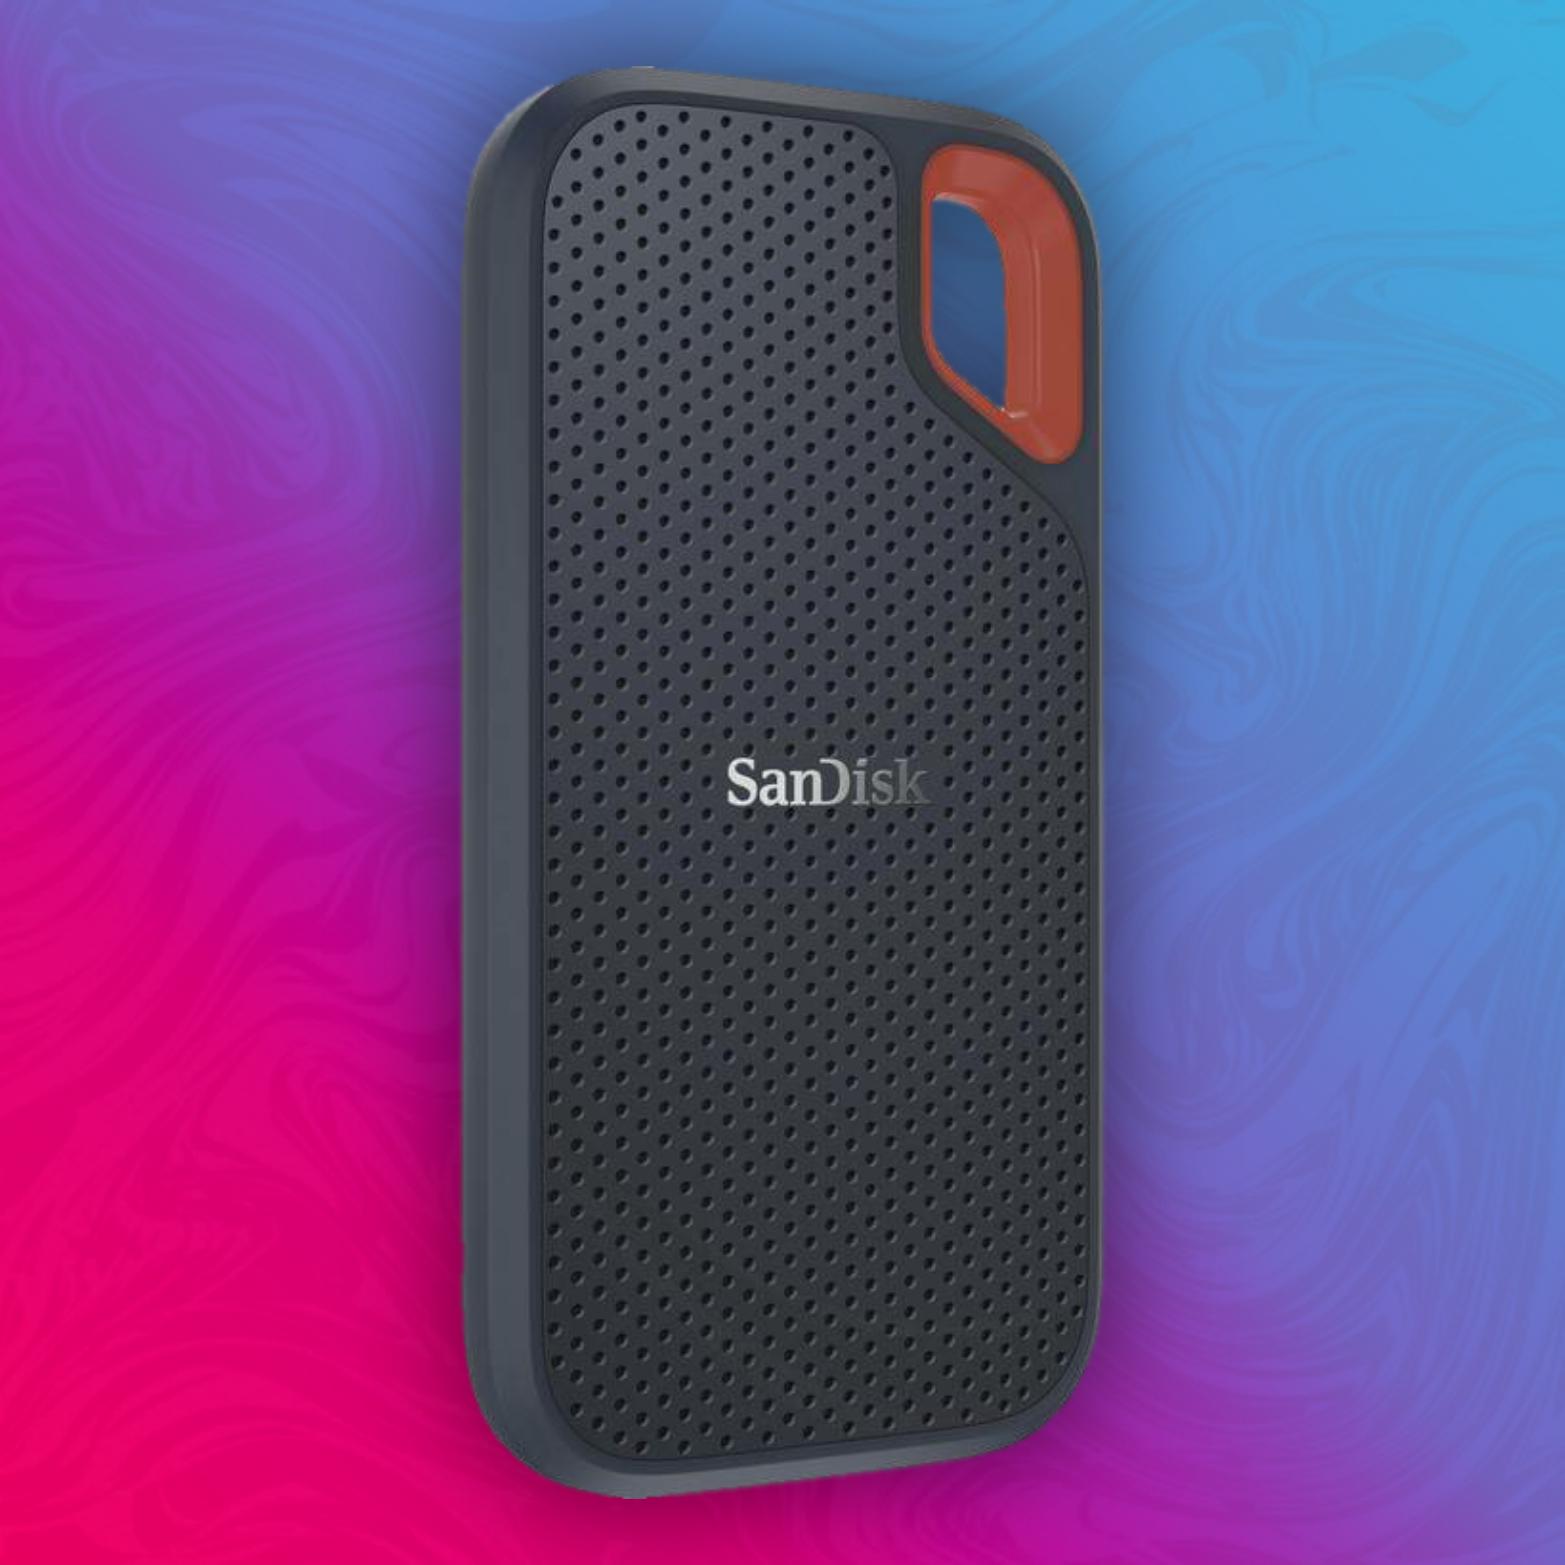 SanDisk Extreme Portable SSD 500GB (Externe SSD 2.5 Zoll, bis zu 550 MB/s Lesegeschwindigkeit, wasserdicht und staubdicht)